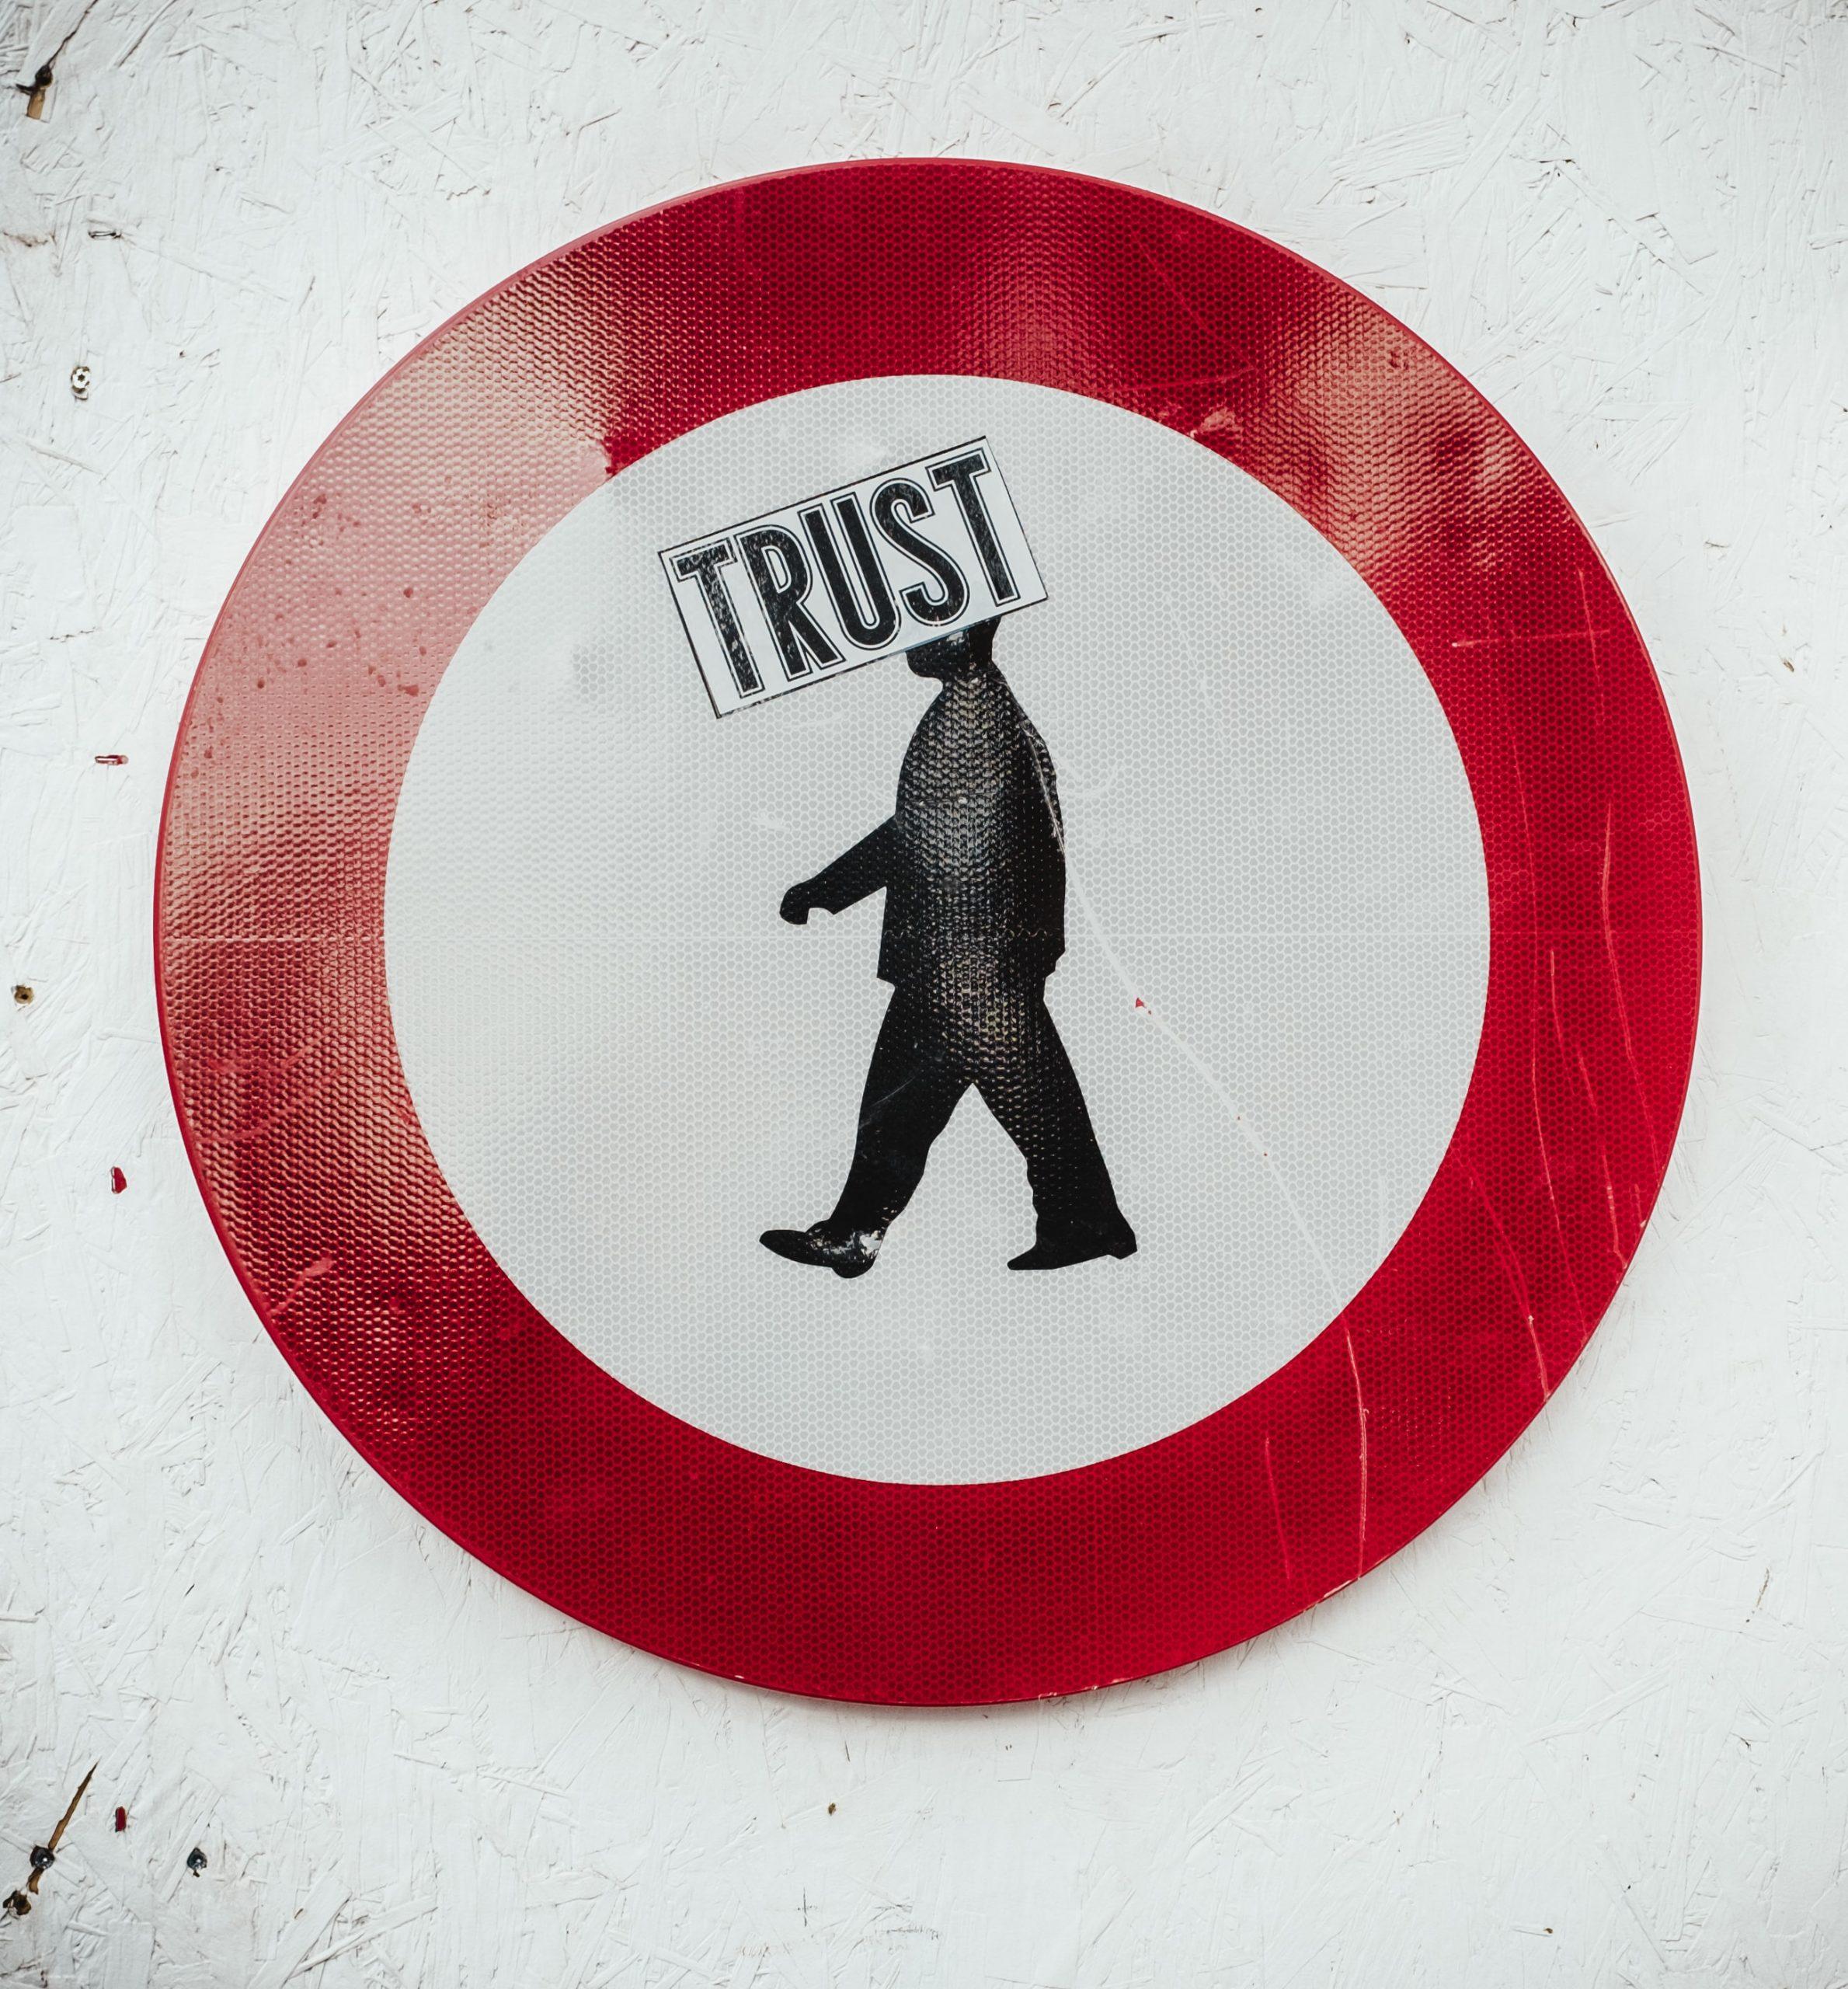 Personal Branding e fiducia